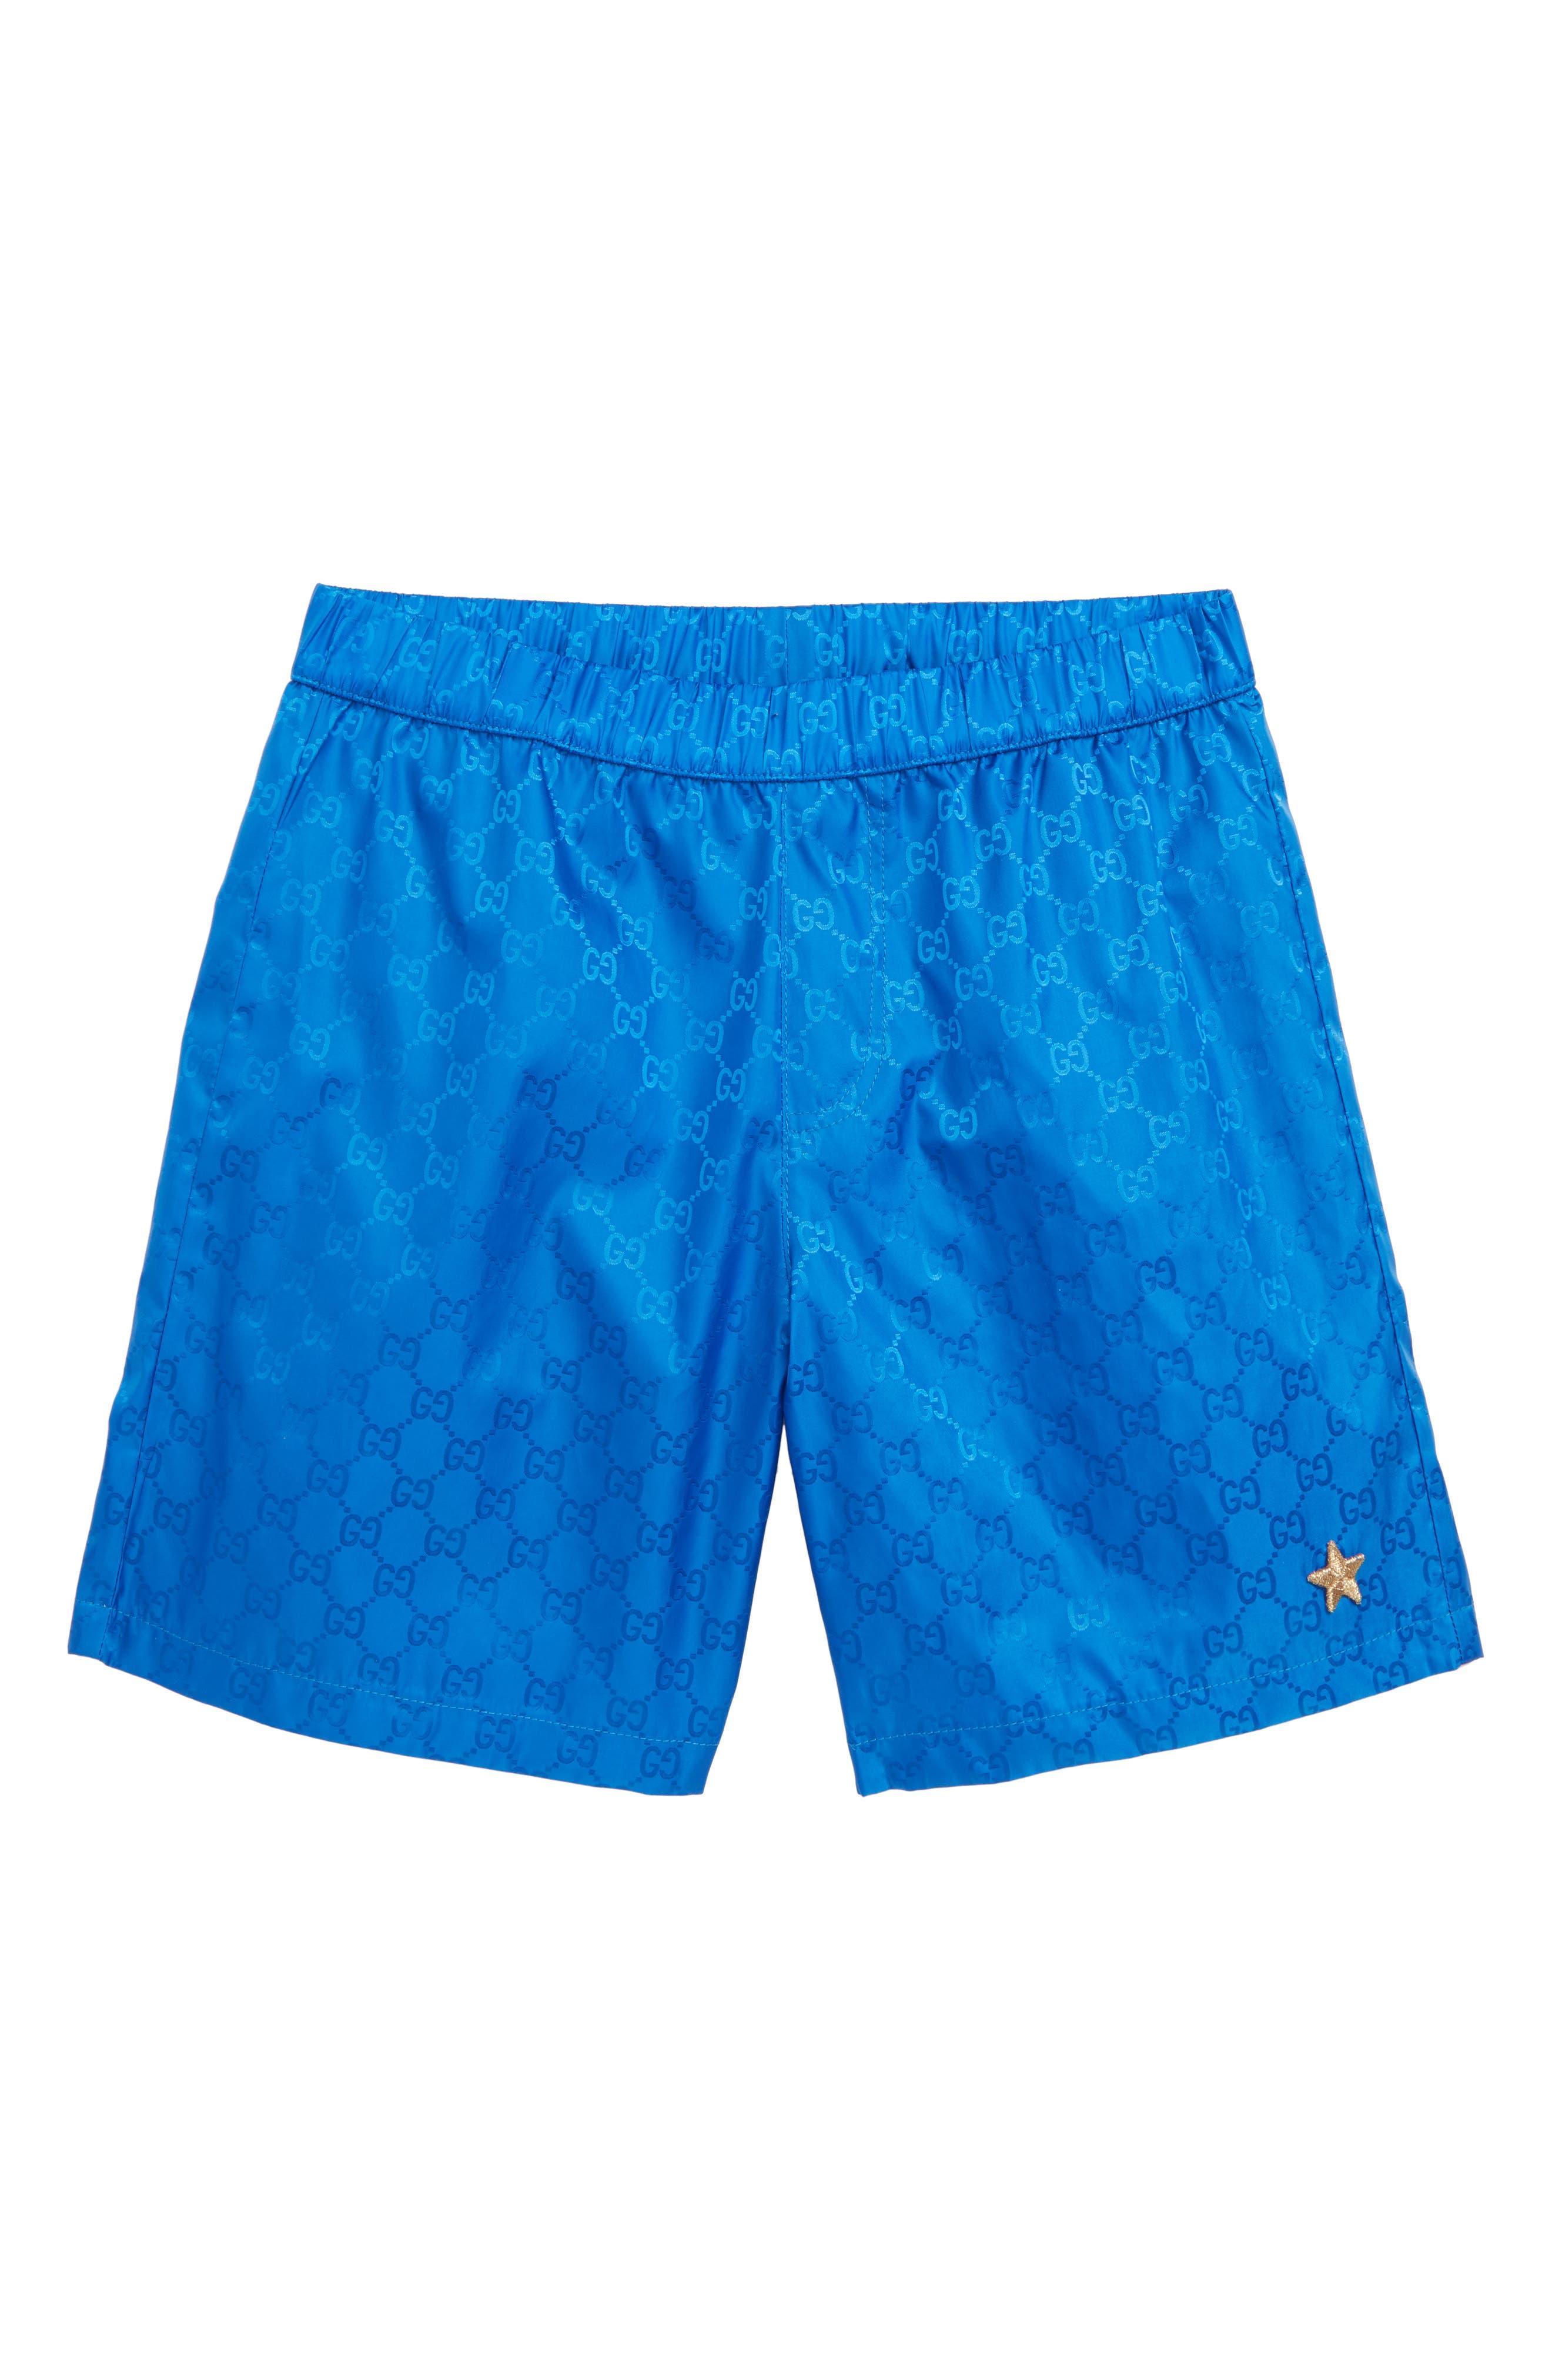 Double-G Boxer Shorts, Main, color, VISAGE